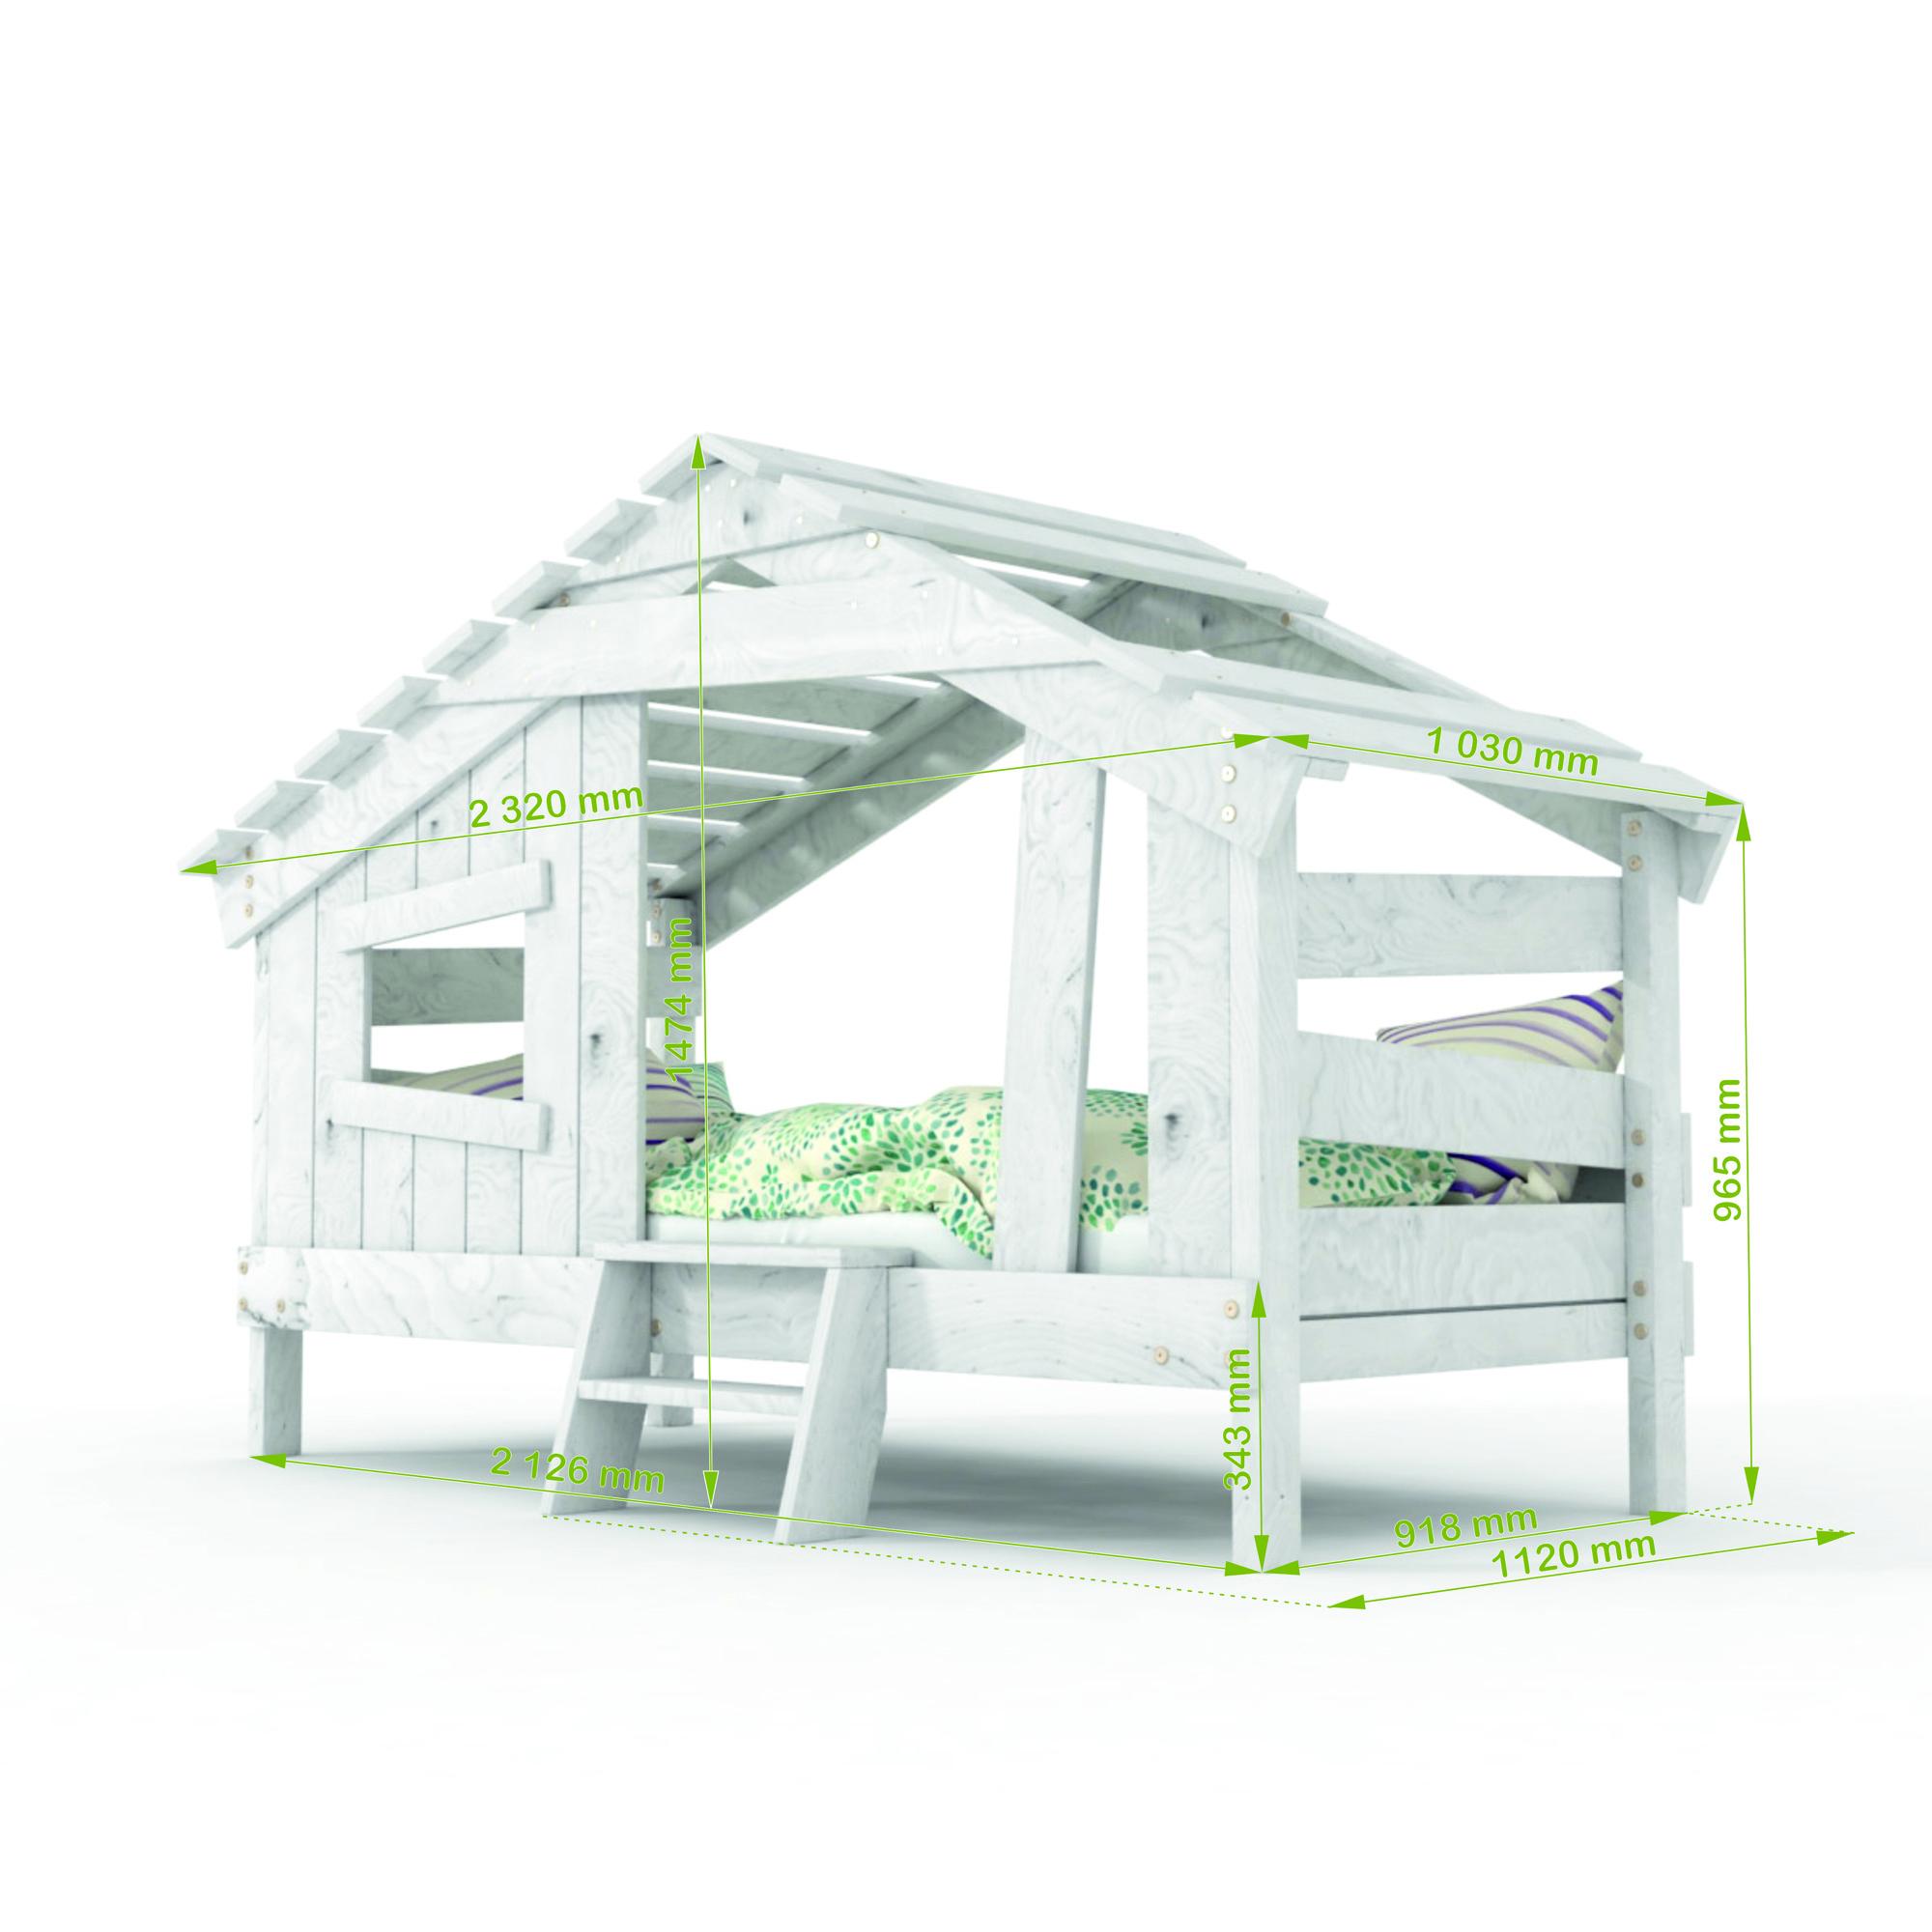 Abmessungen vom Doppel-Hochbett für Kinder